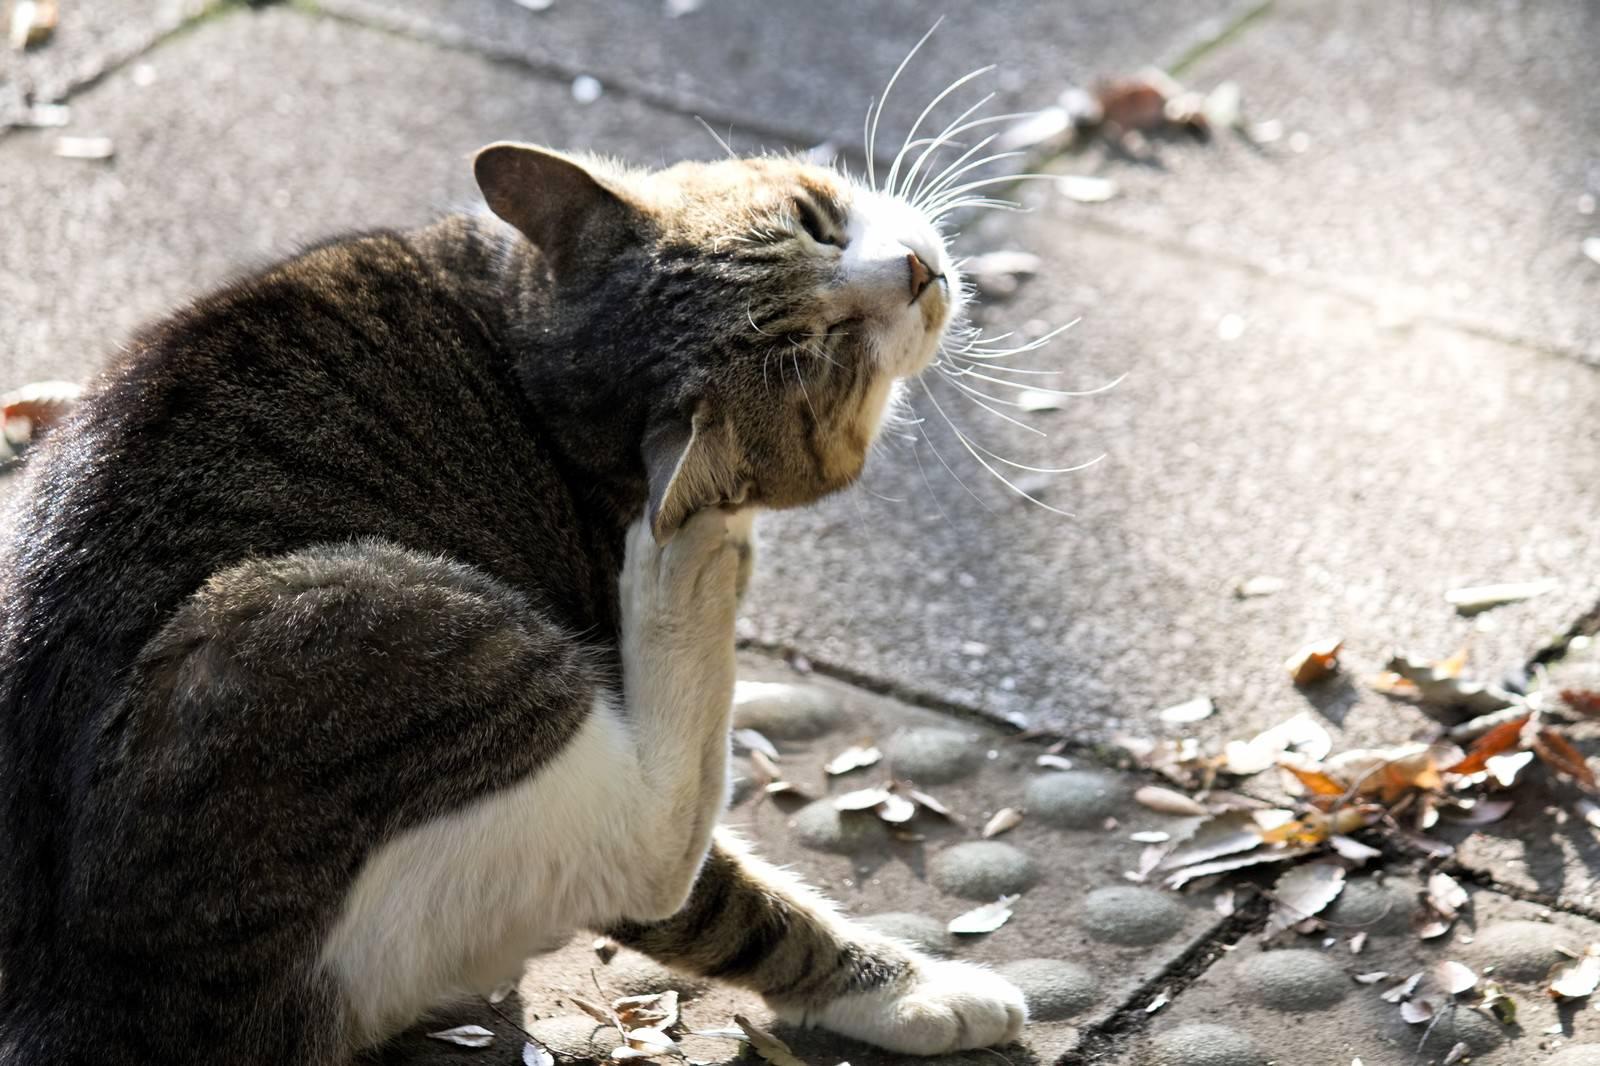 「首を掻く猫首を掻く猫」のフリー写真素材を拡大